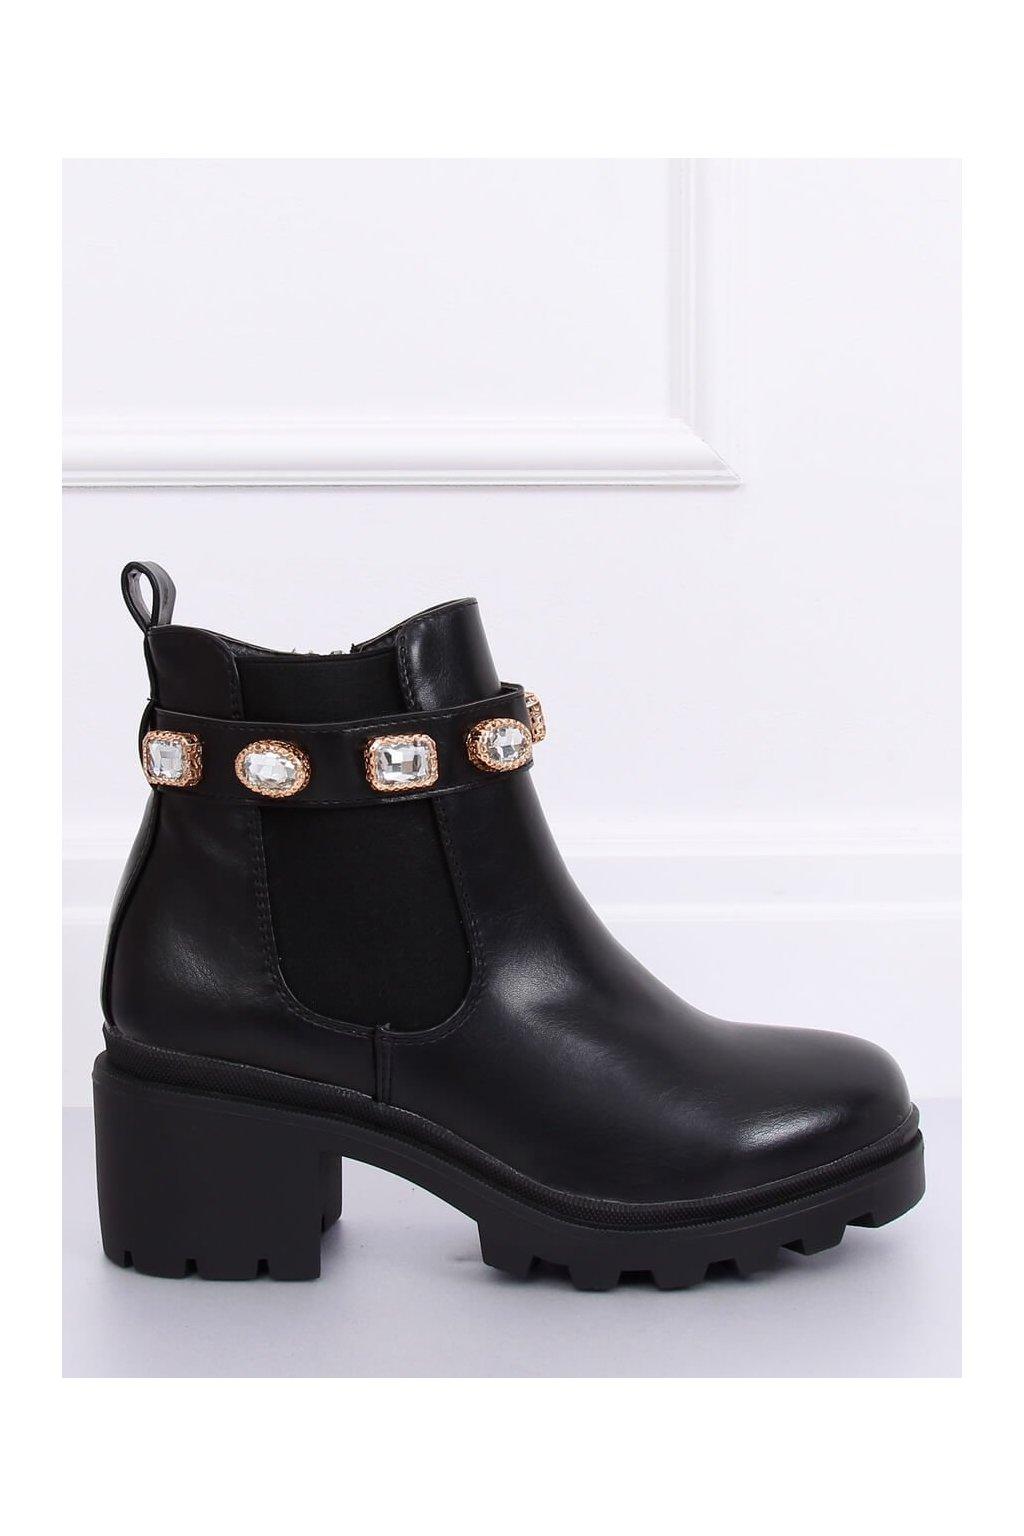 Dámske členkové topánky čierne na širokom podpätku NJSK HE107